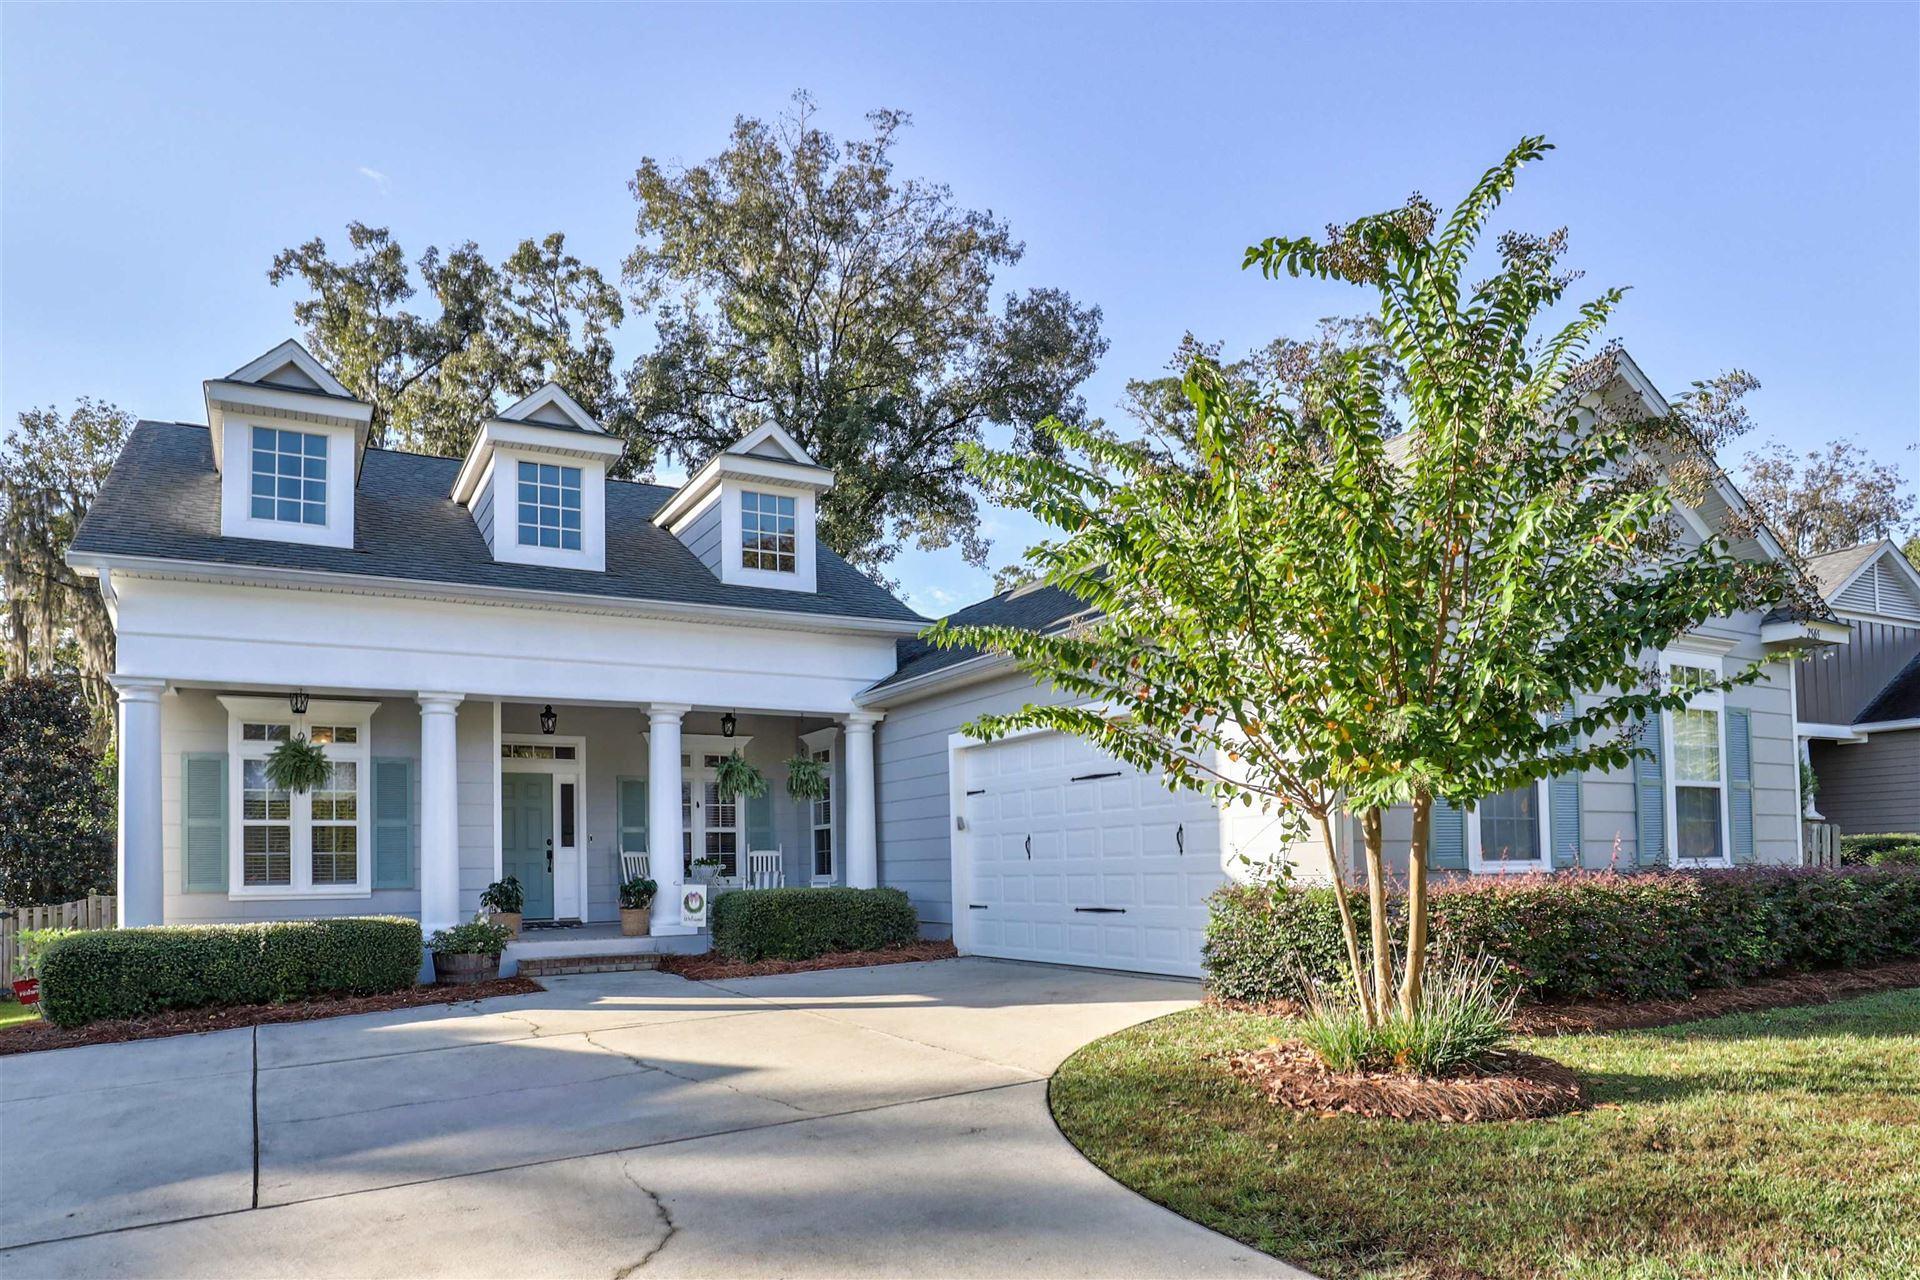 2565 ULYSSES Road, Tallahassee, FL 32312 - MLS#: 338532